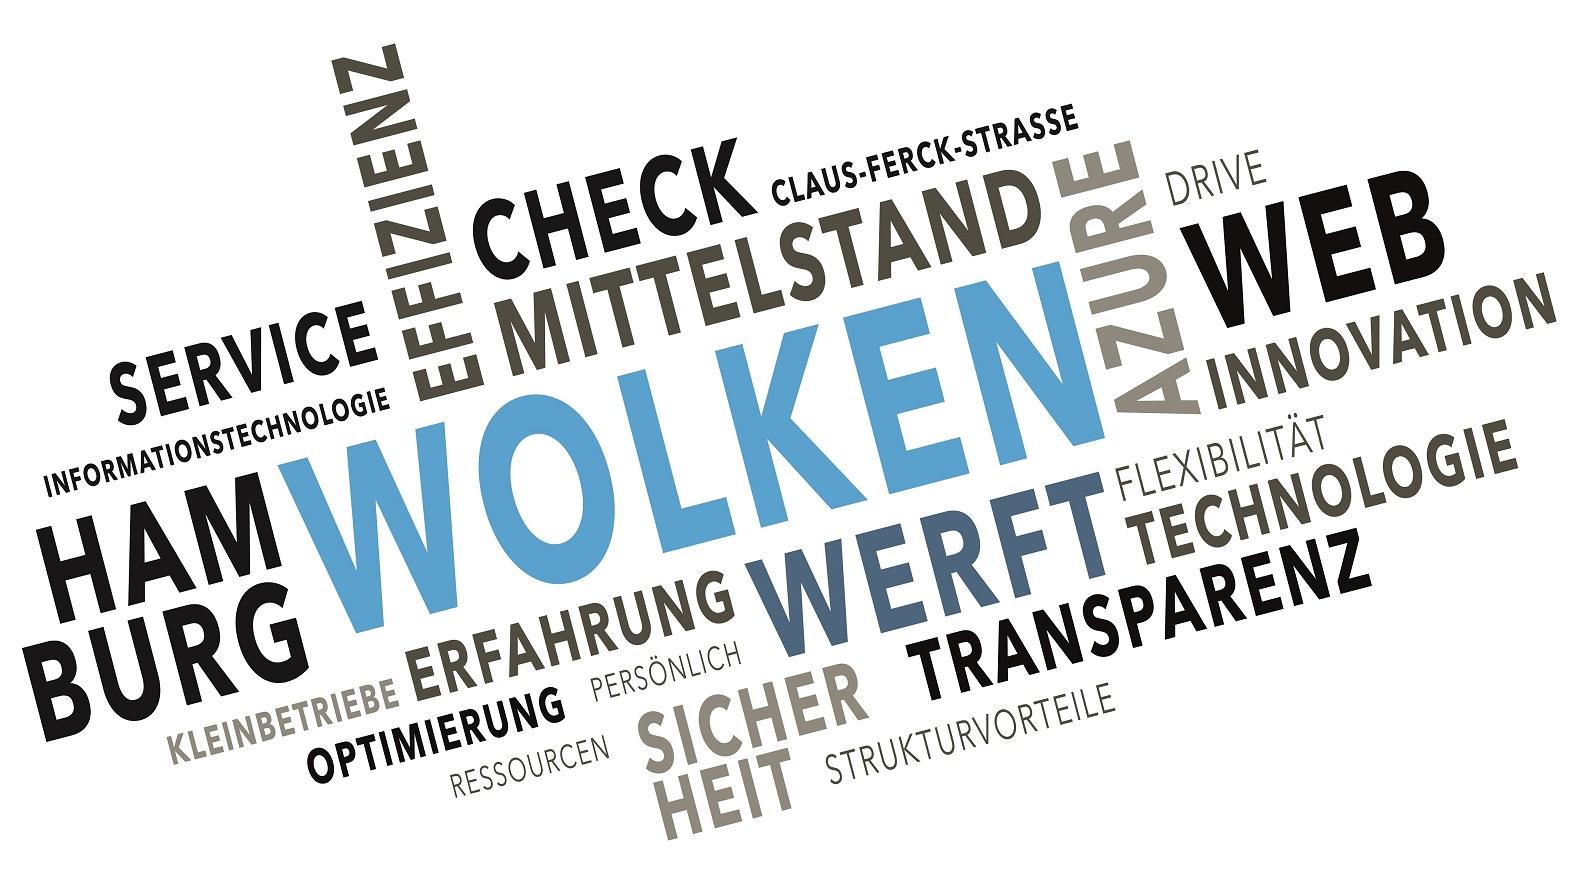 Mehr unter www.wolkenwerft.de.